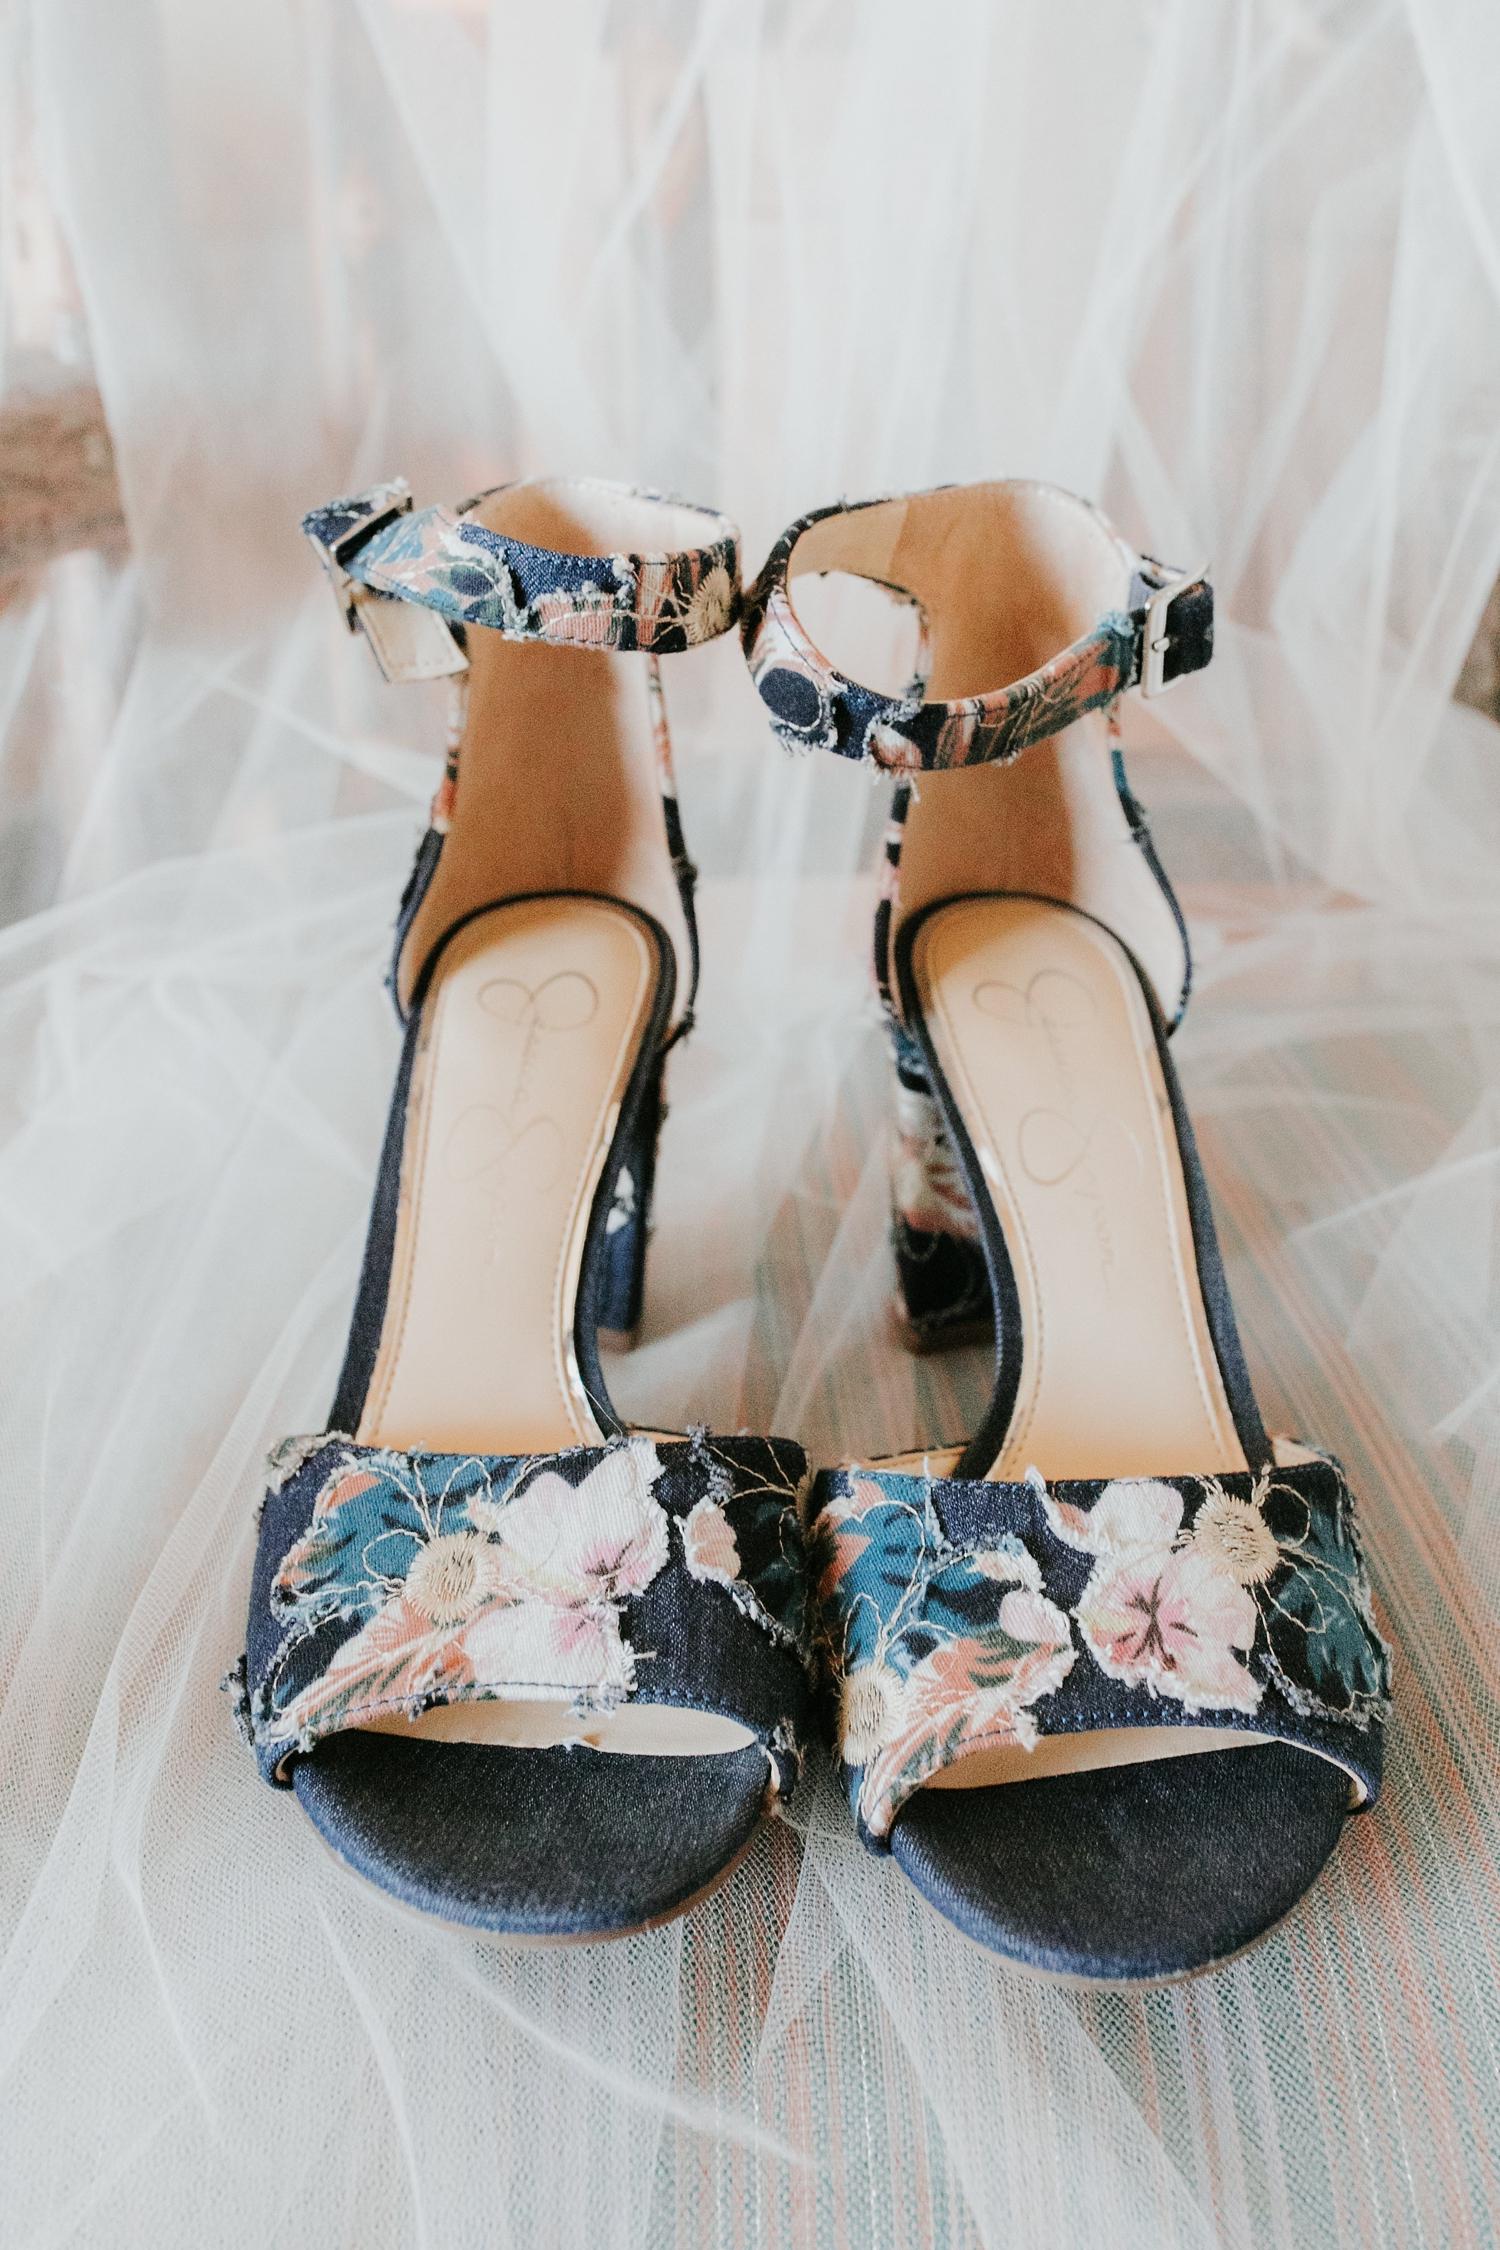 Alicia+lucia+photography+-+albuquerque+wedding+photographer+-+santa+fe+wedding+photography+-+new+mexico+wedding+photographer+-+wedding+bridal+shoe+-+wedding+style+edit_0006.jpg